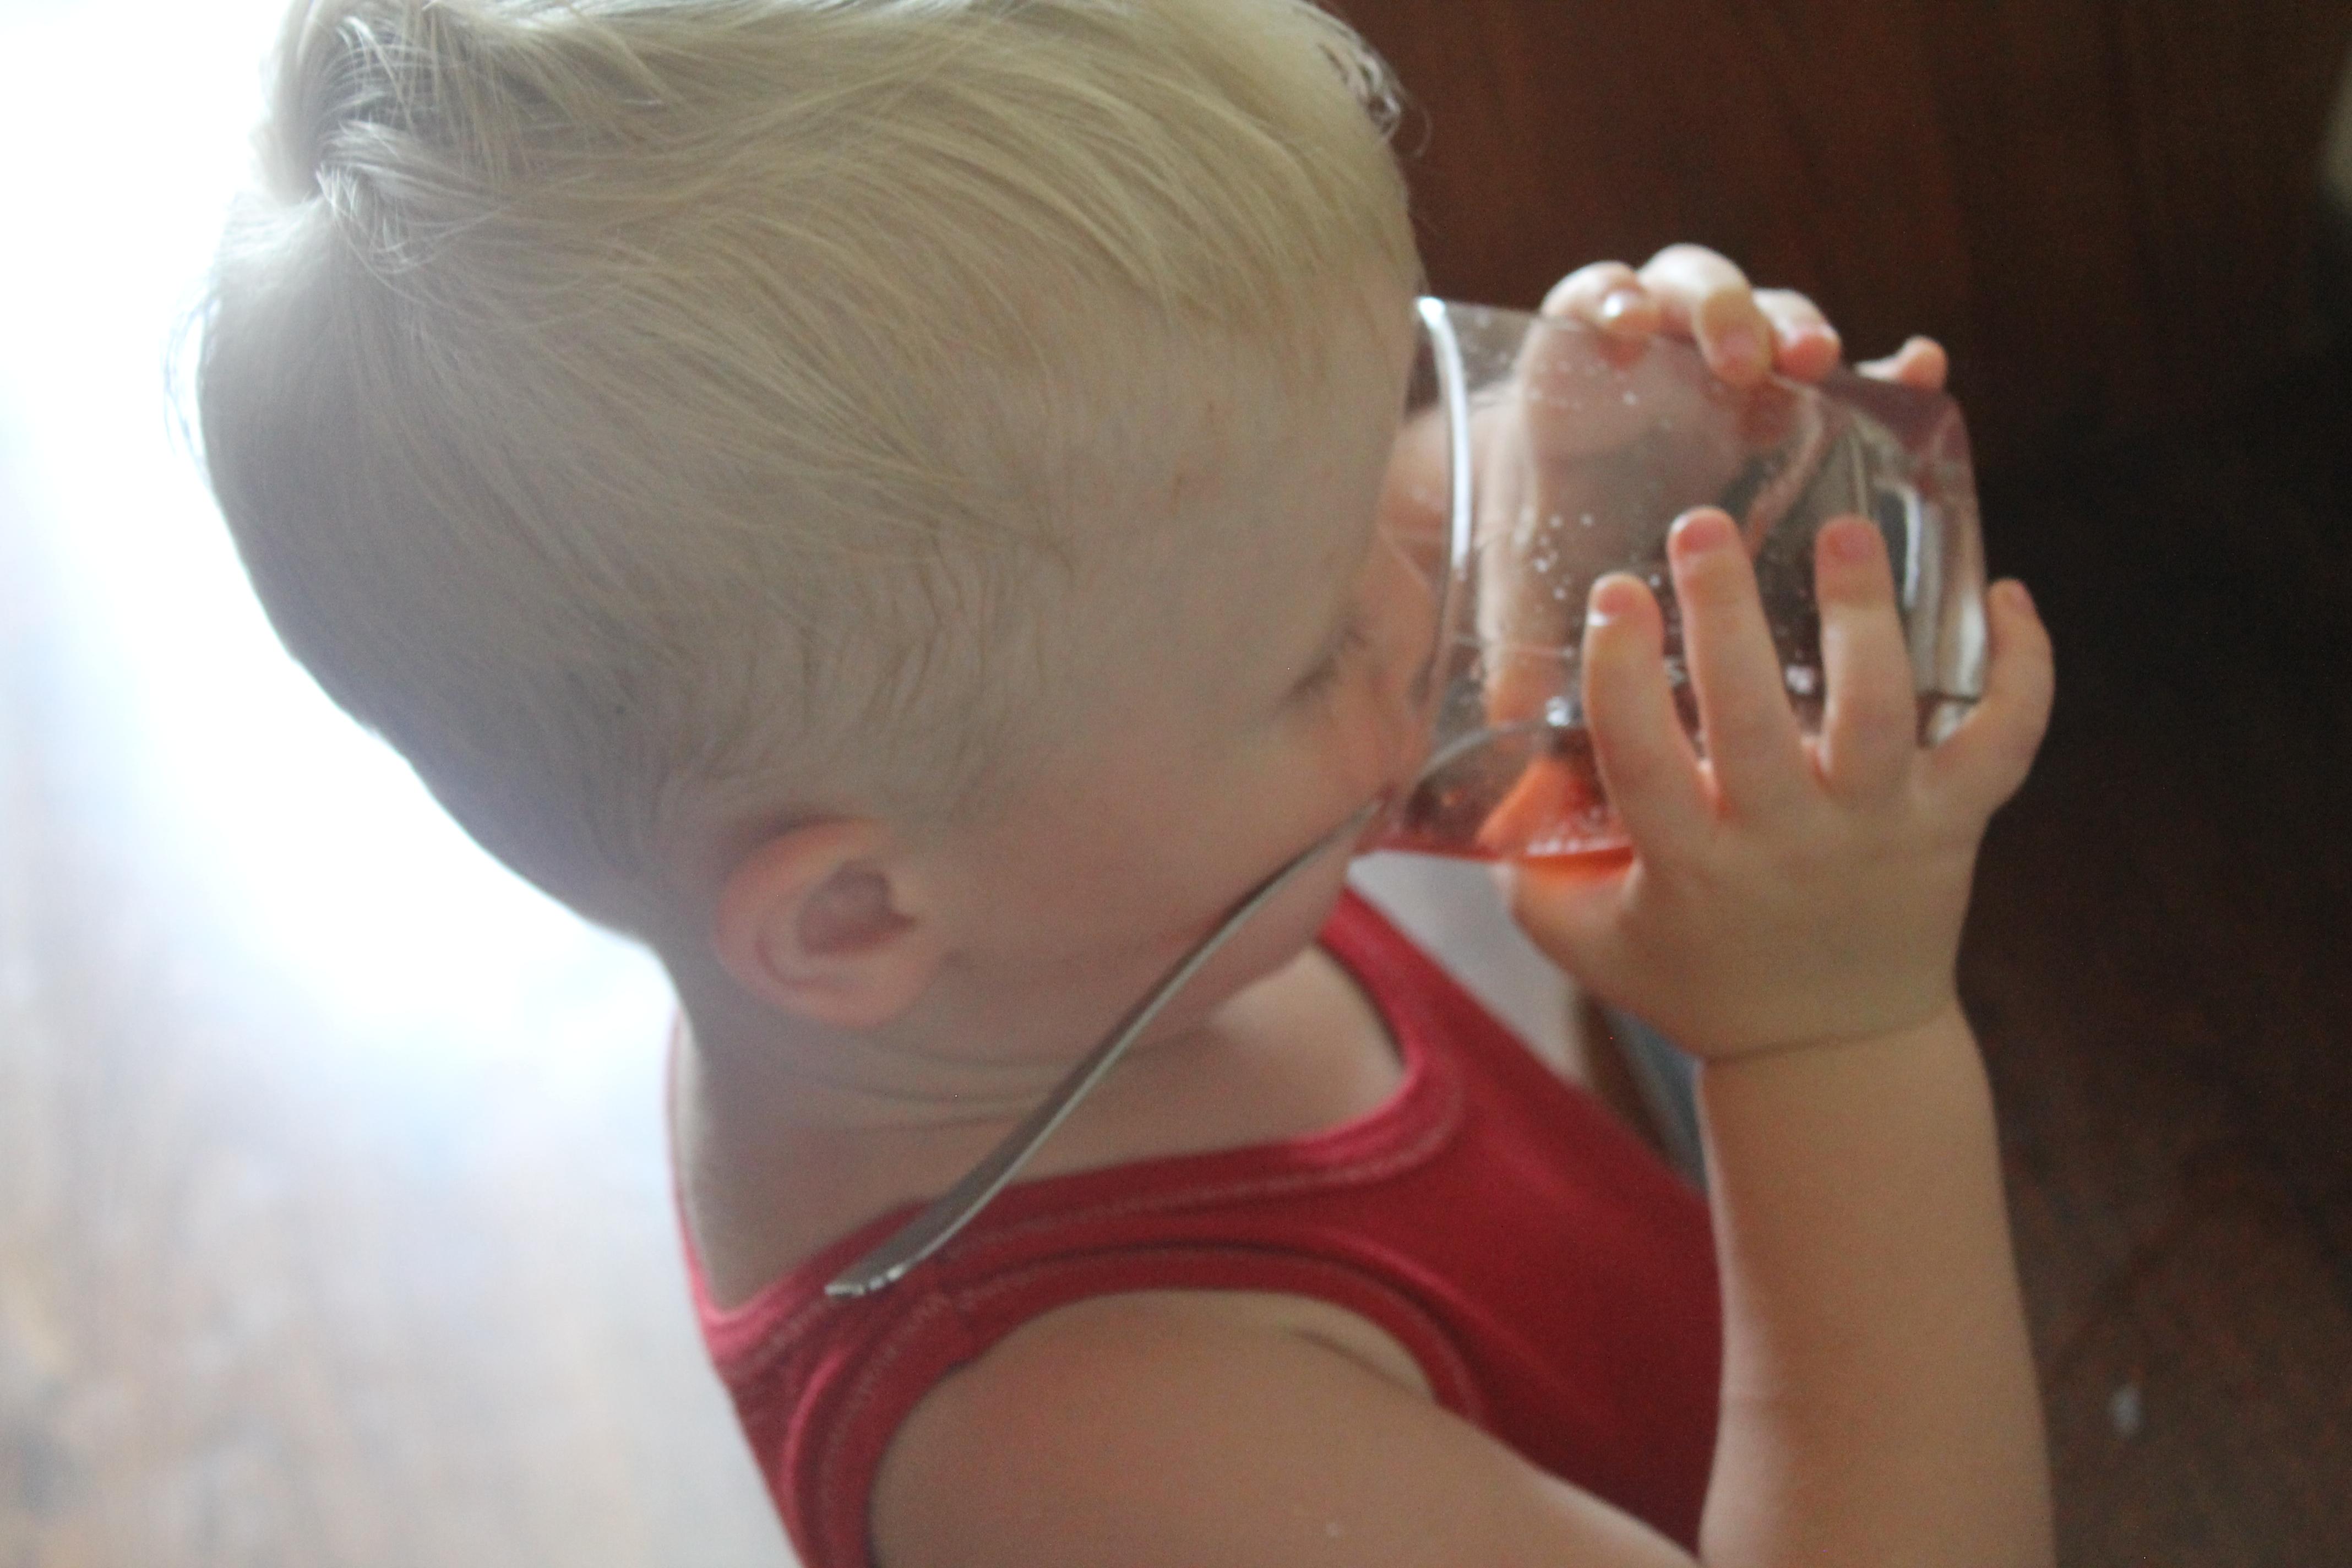 dziecko pijace wode smakowa naszadrogado